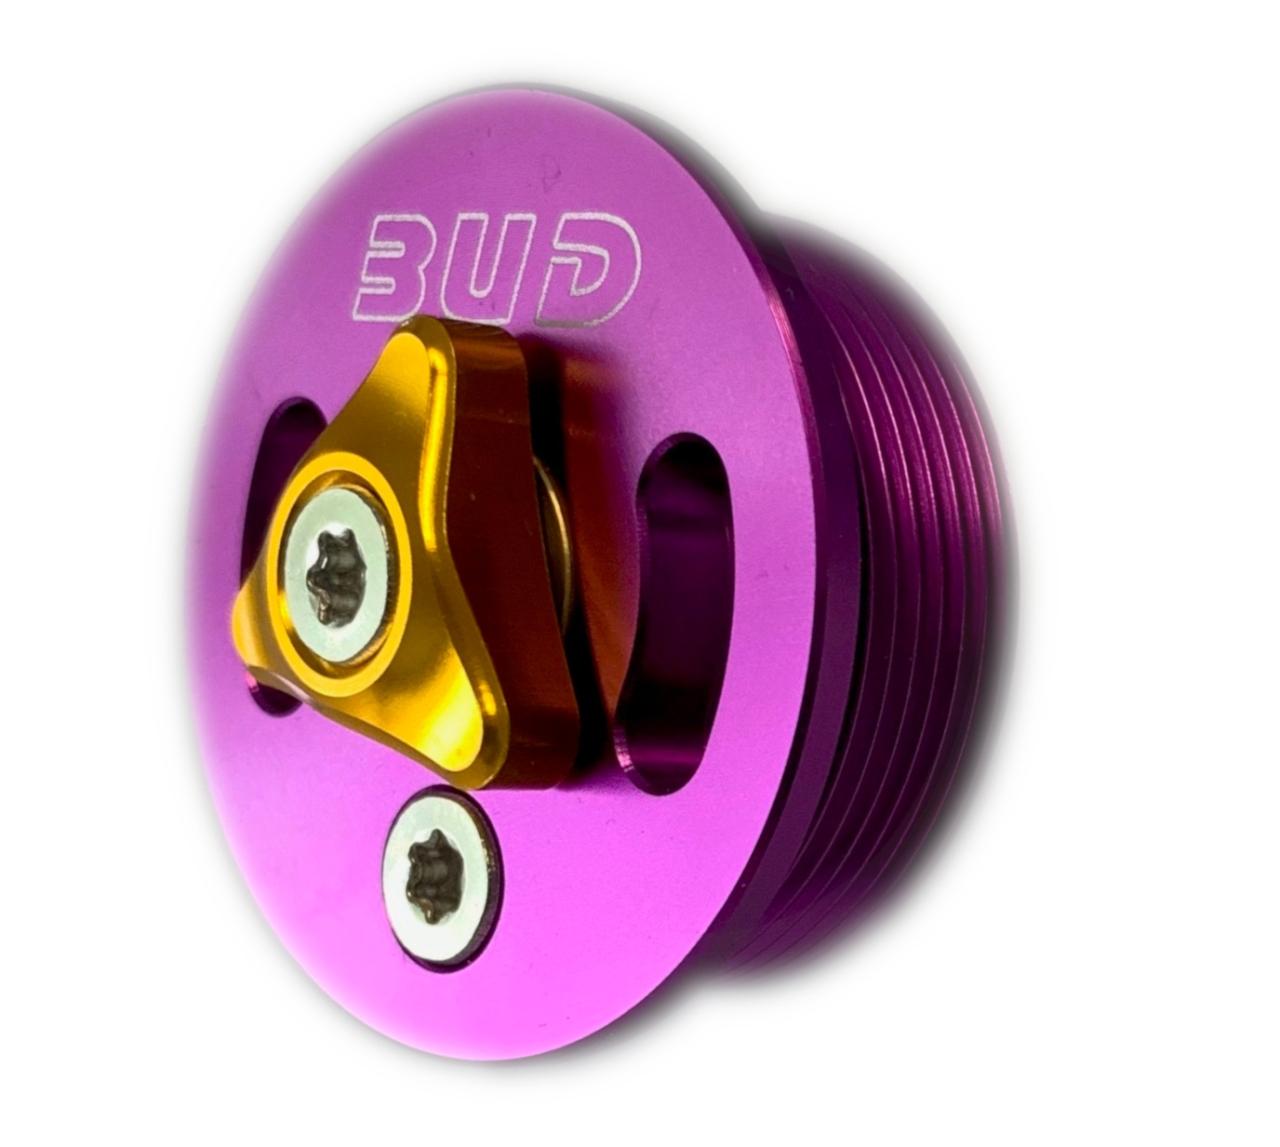 Ersatzdeckel für BUD Cartridge Kit 50/65cc - MX-Special-Parts Onlineshop für MX Motocross Enduro Sport